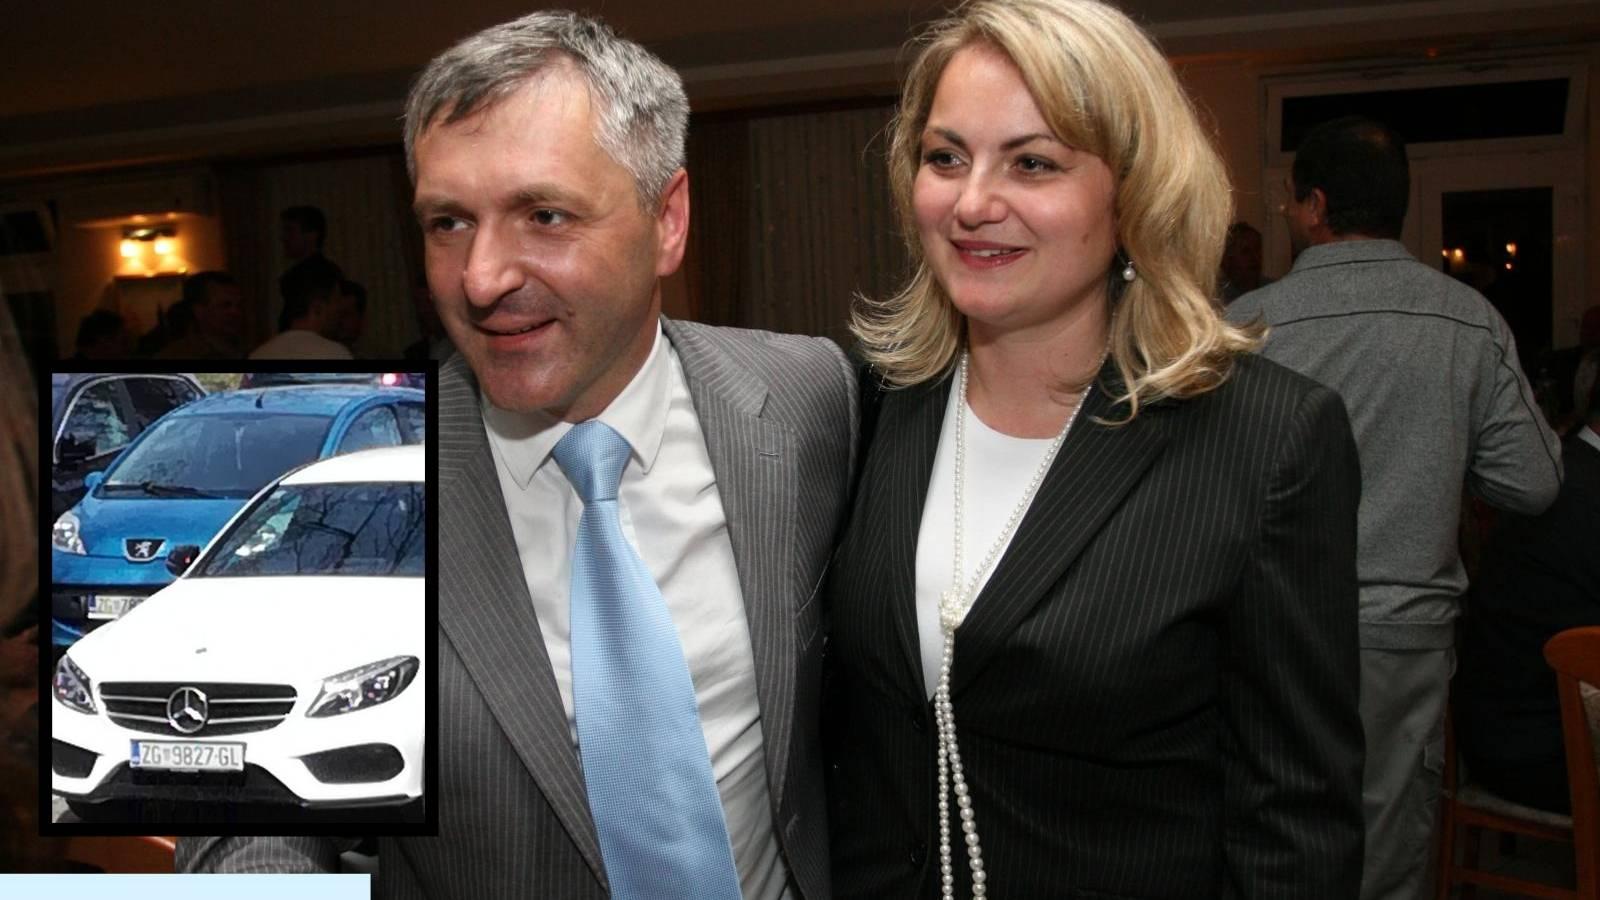 Supruga HDZ-ova čelnika vozi Mercedes vrijedan 298.000 kn